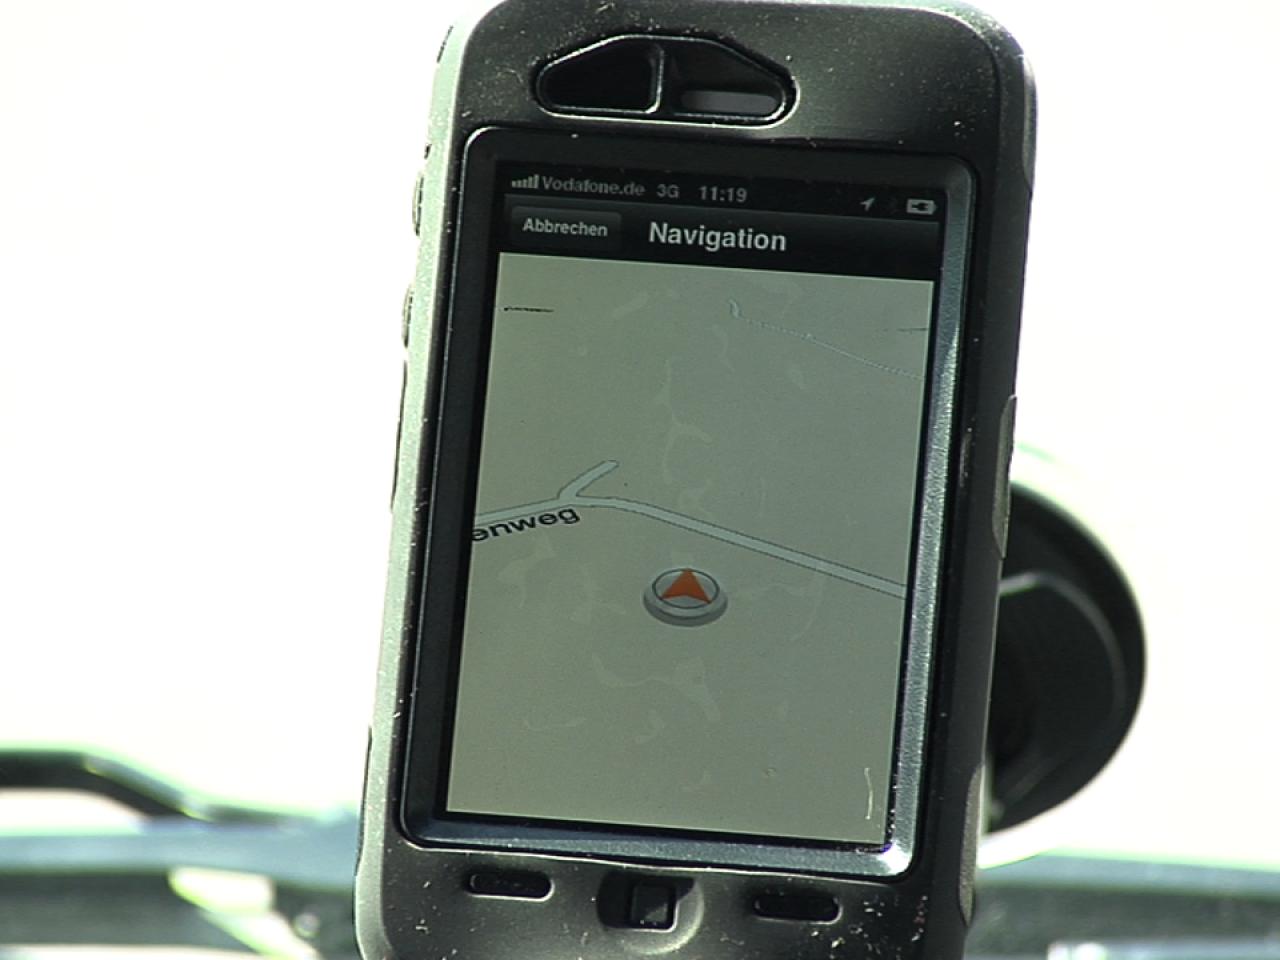 Geomobile Ivanto App